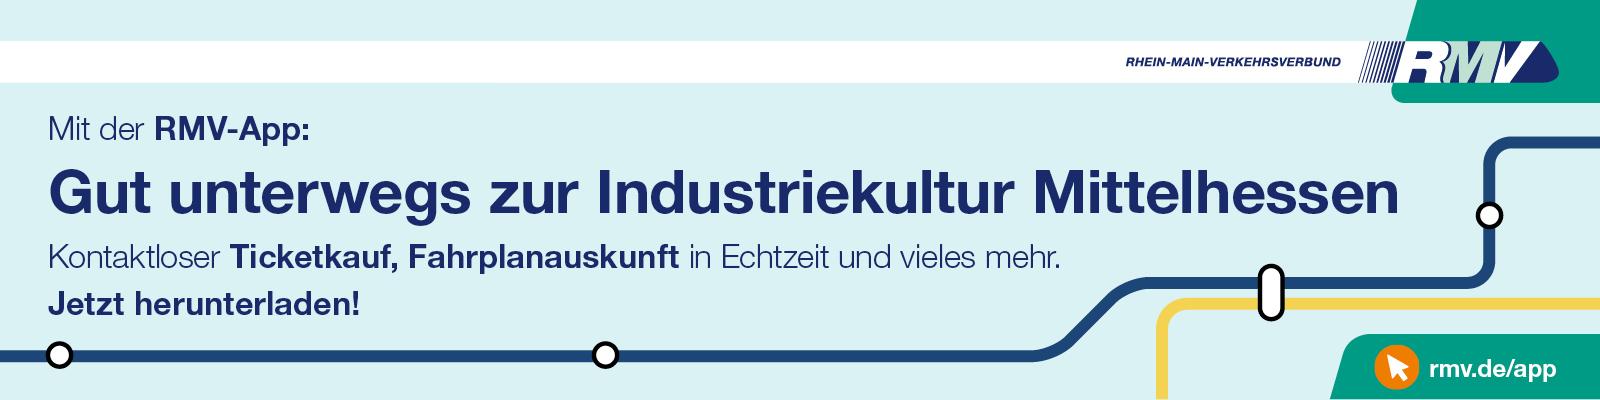 RMV_Banner_Industriekultur-Mittelhessen_1600x400_01